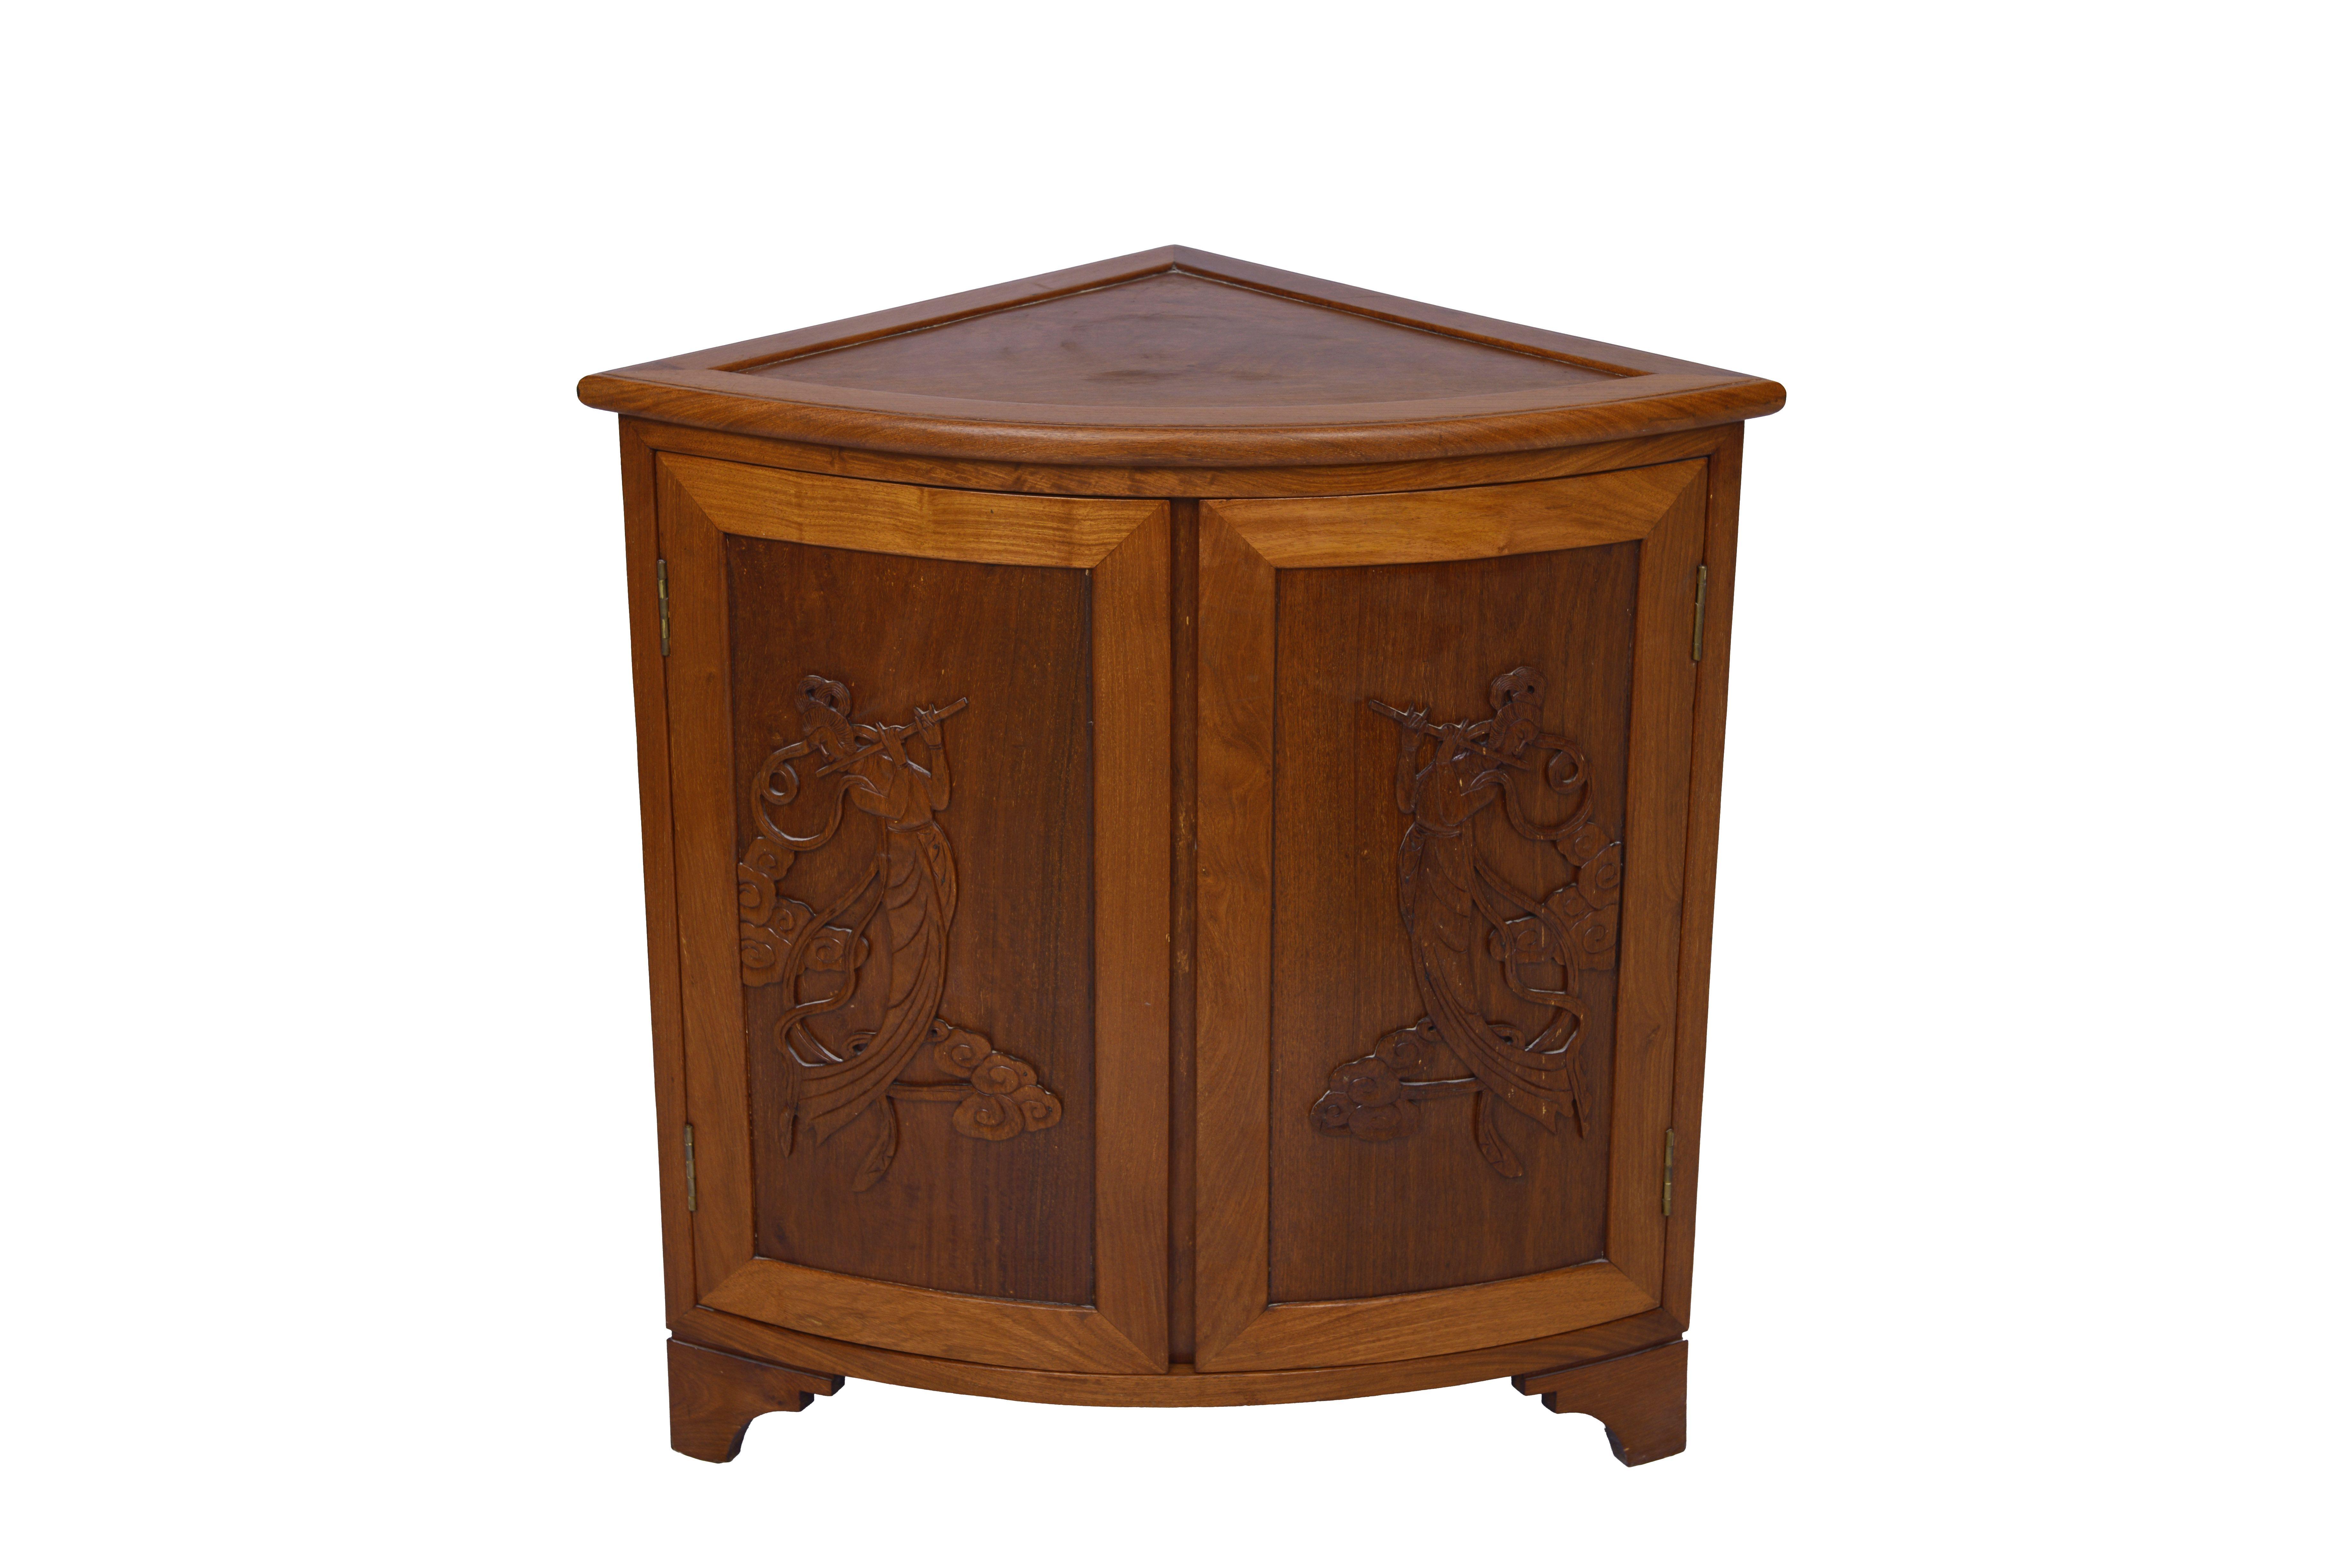 Classic Quarter Round Corner Furniture Antique hand carved ...